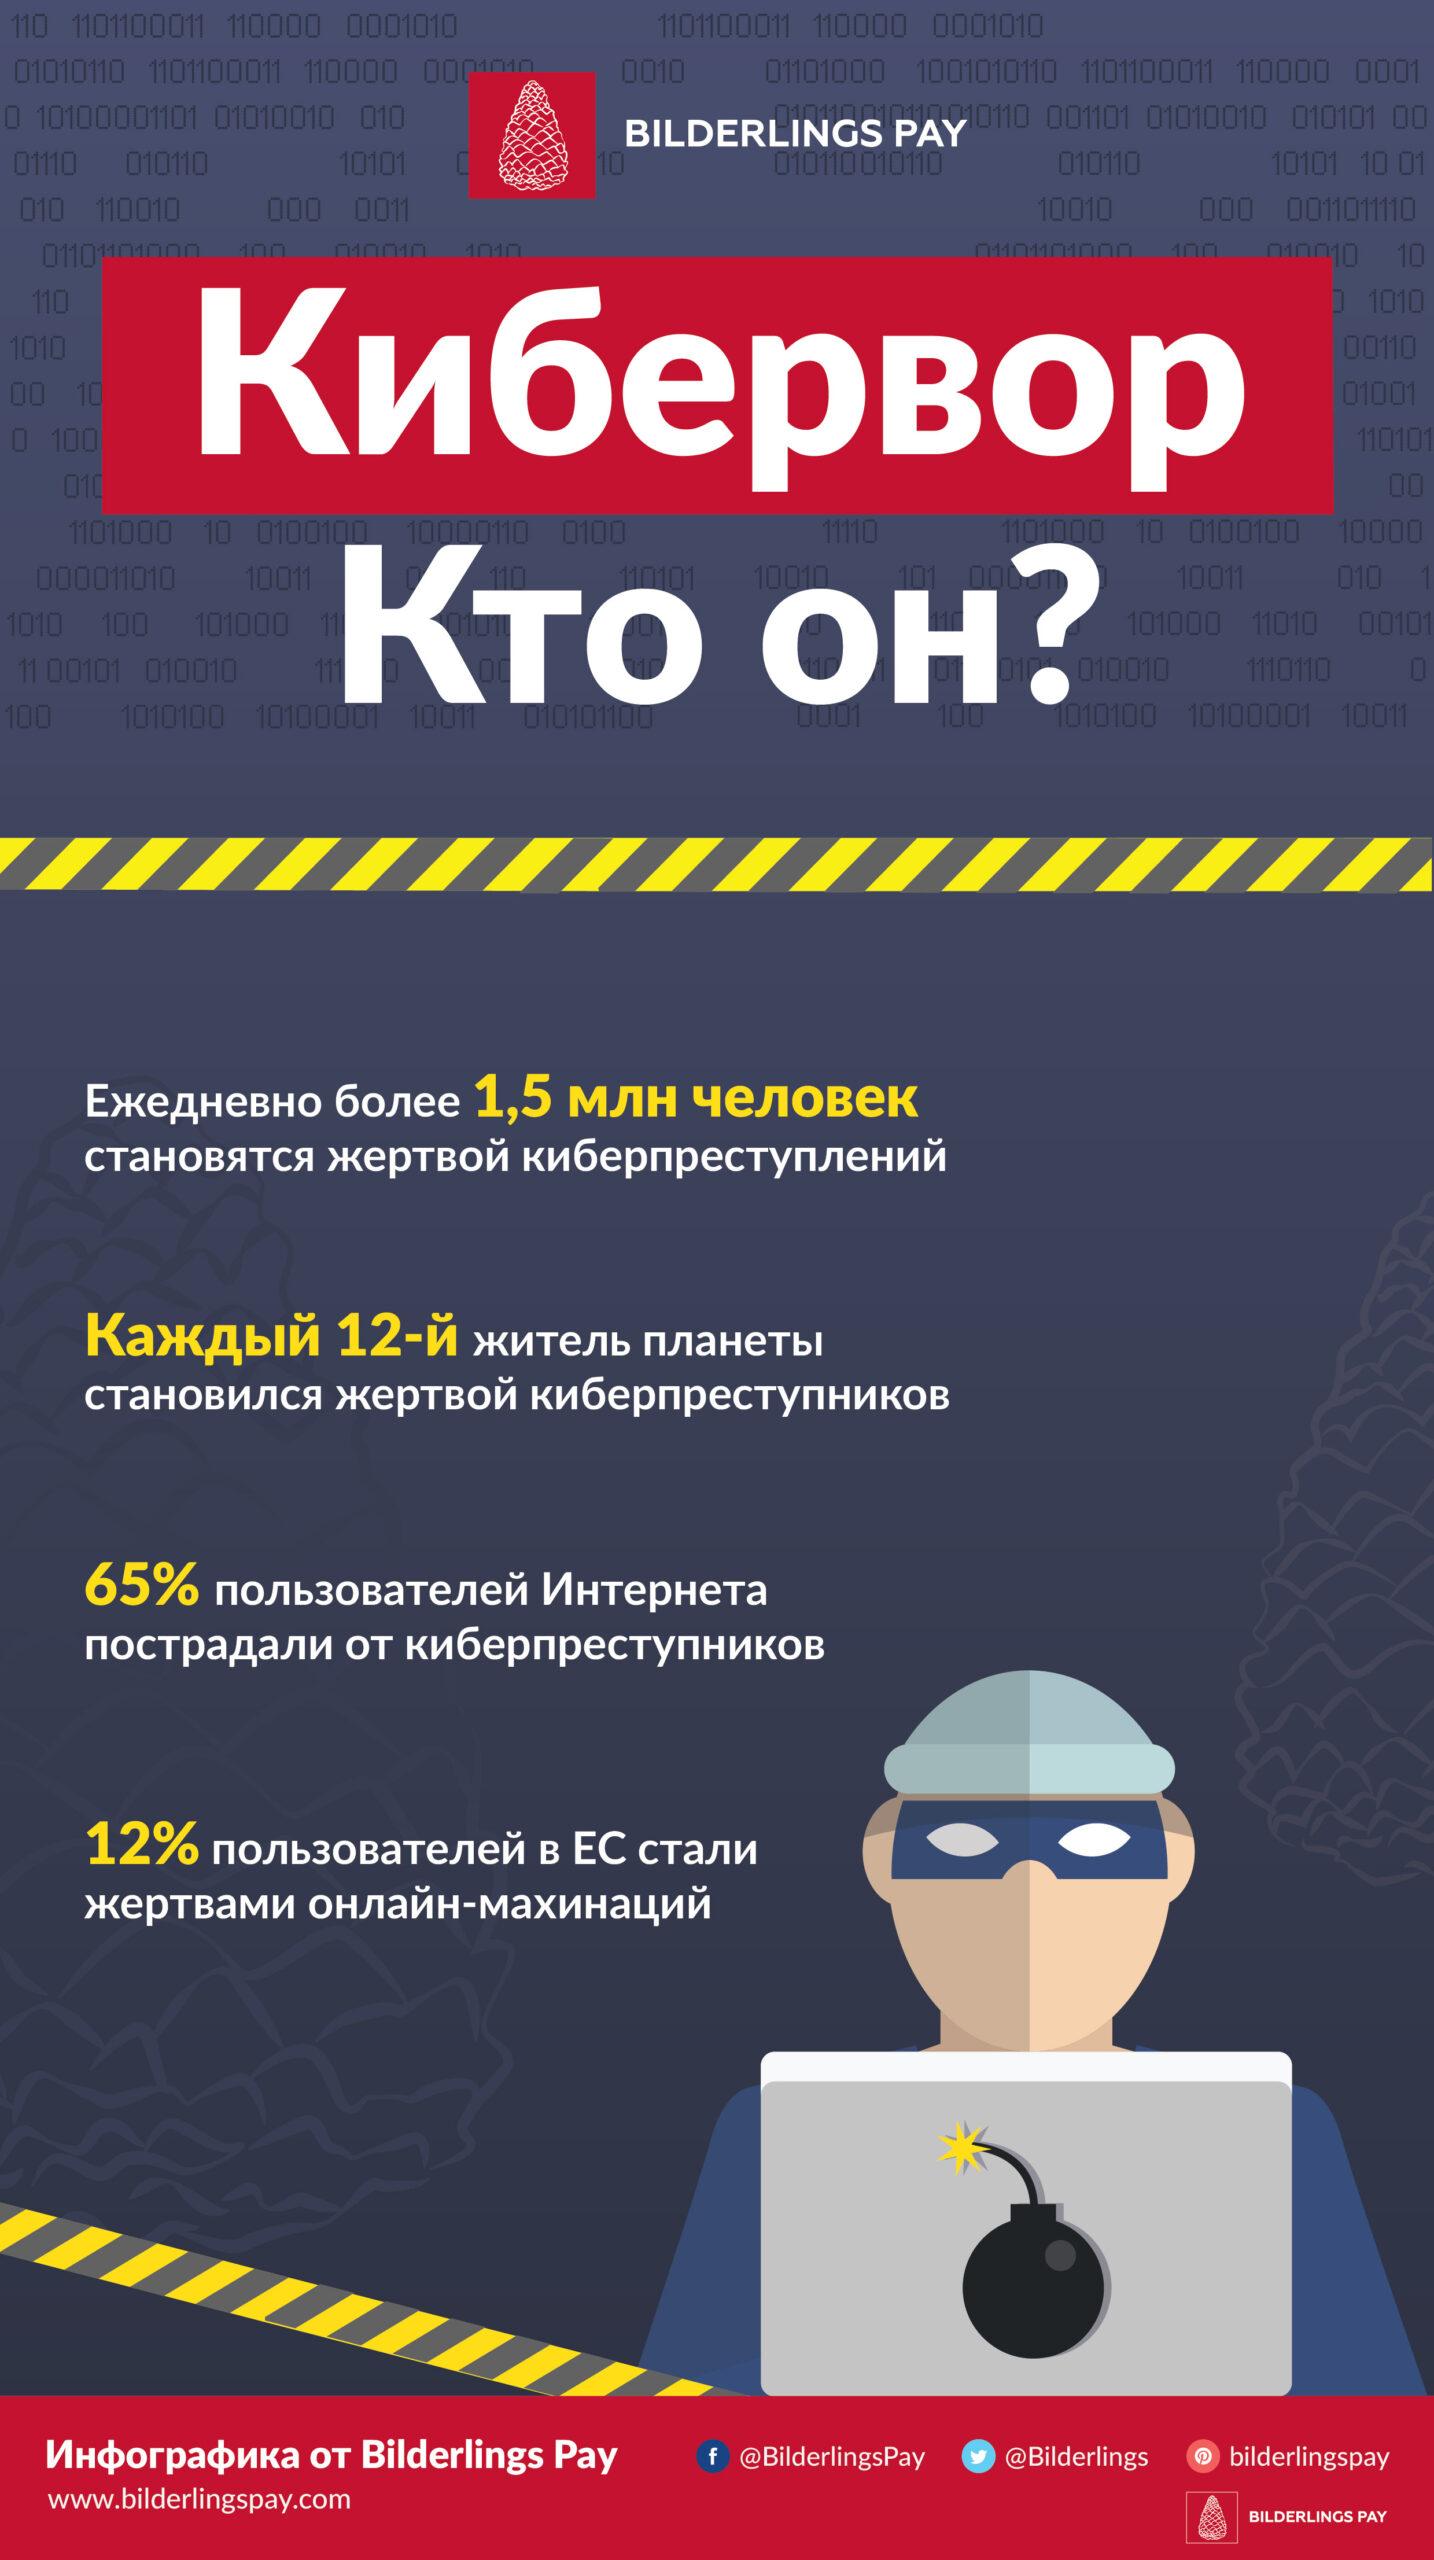 Инфографика Bilderlings Pay: кибервор – кто он?